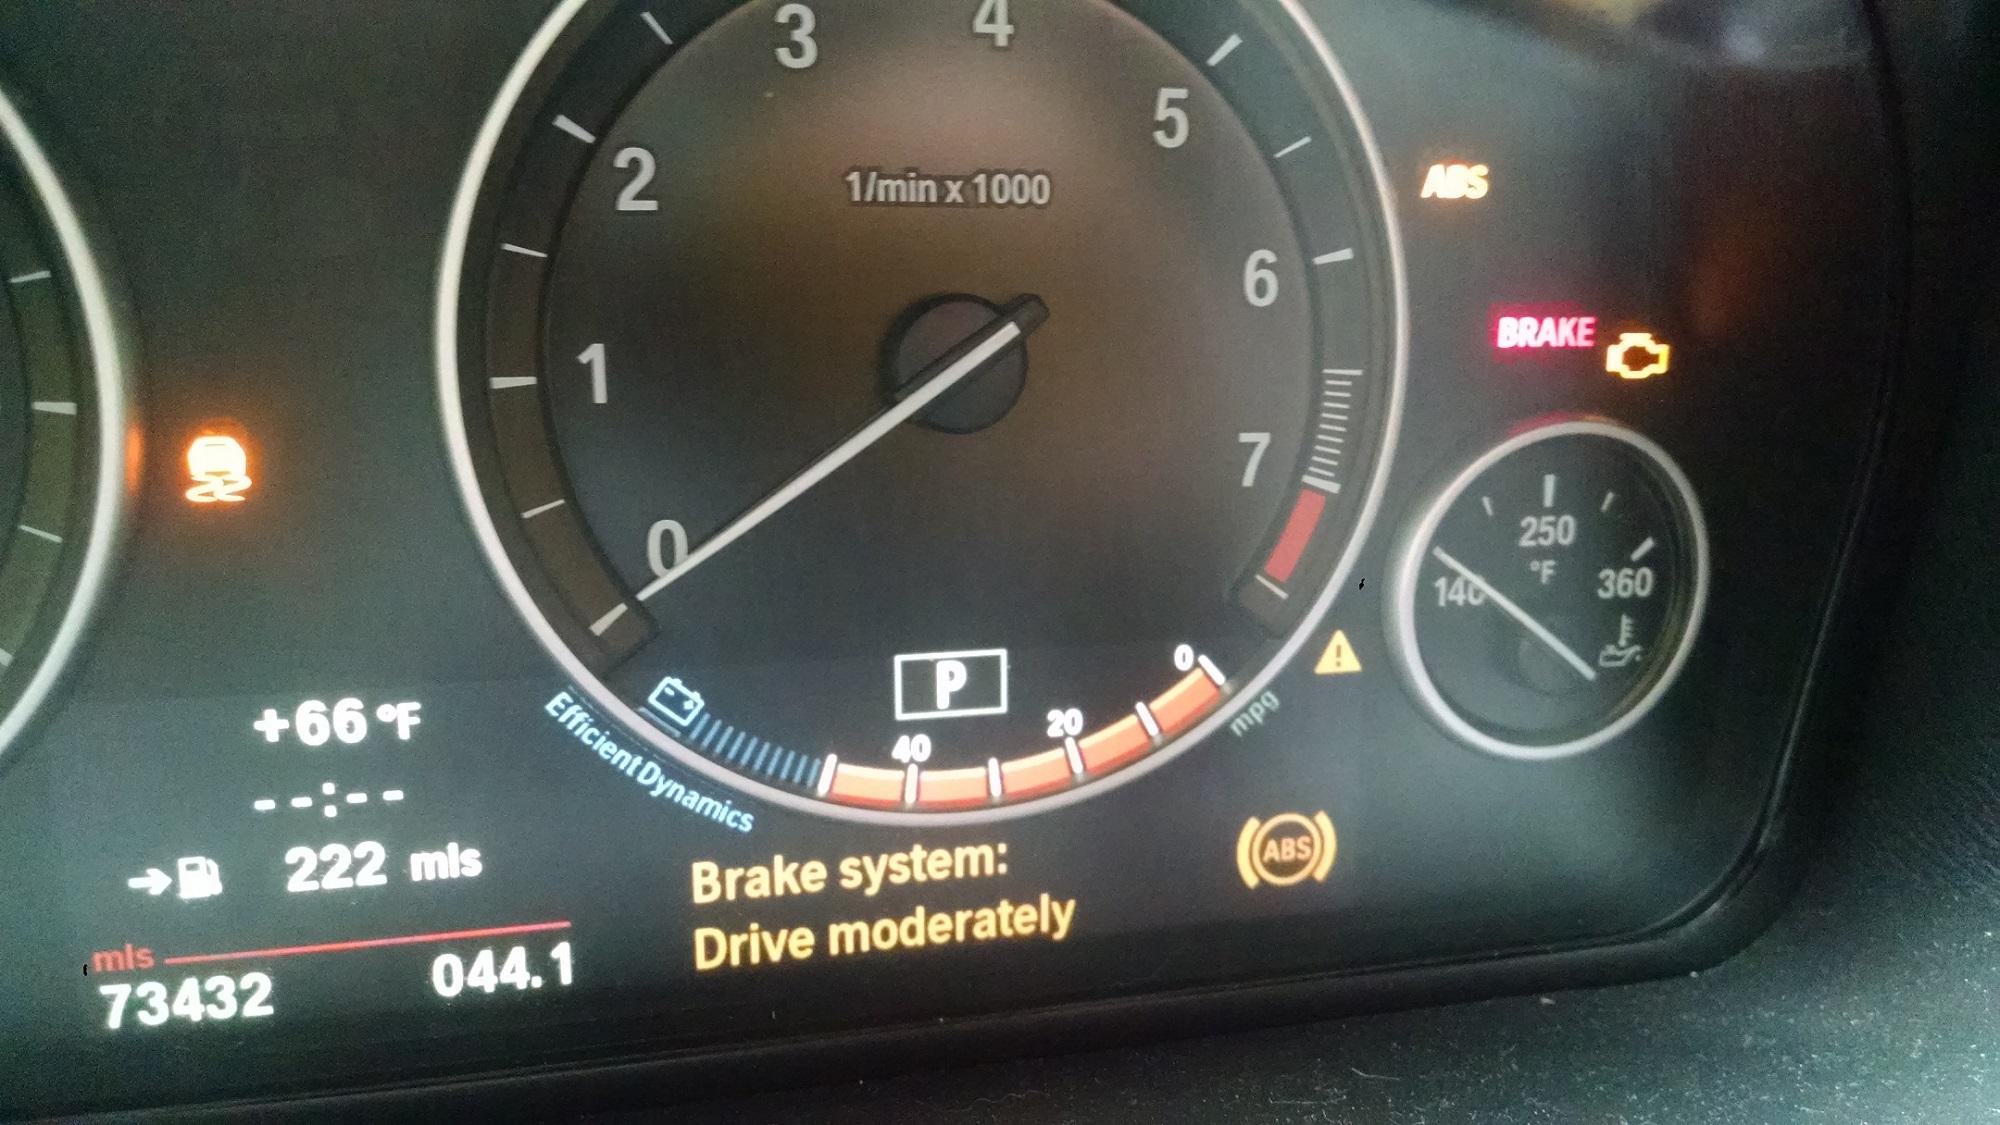 Dash Lights Dsc Abs Brakes Check Engine Parking Brake Airbag Xbimmers Bmw X3 Forum